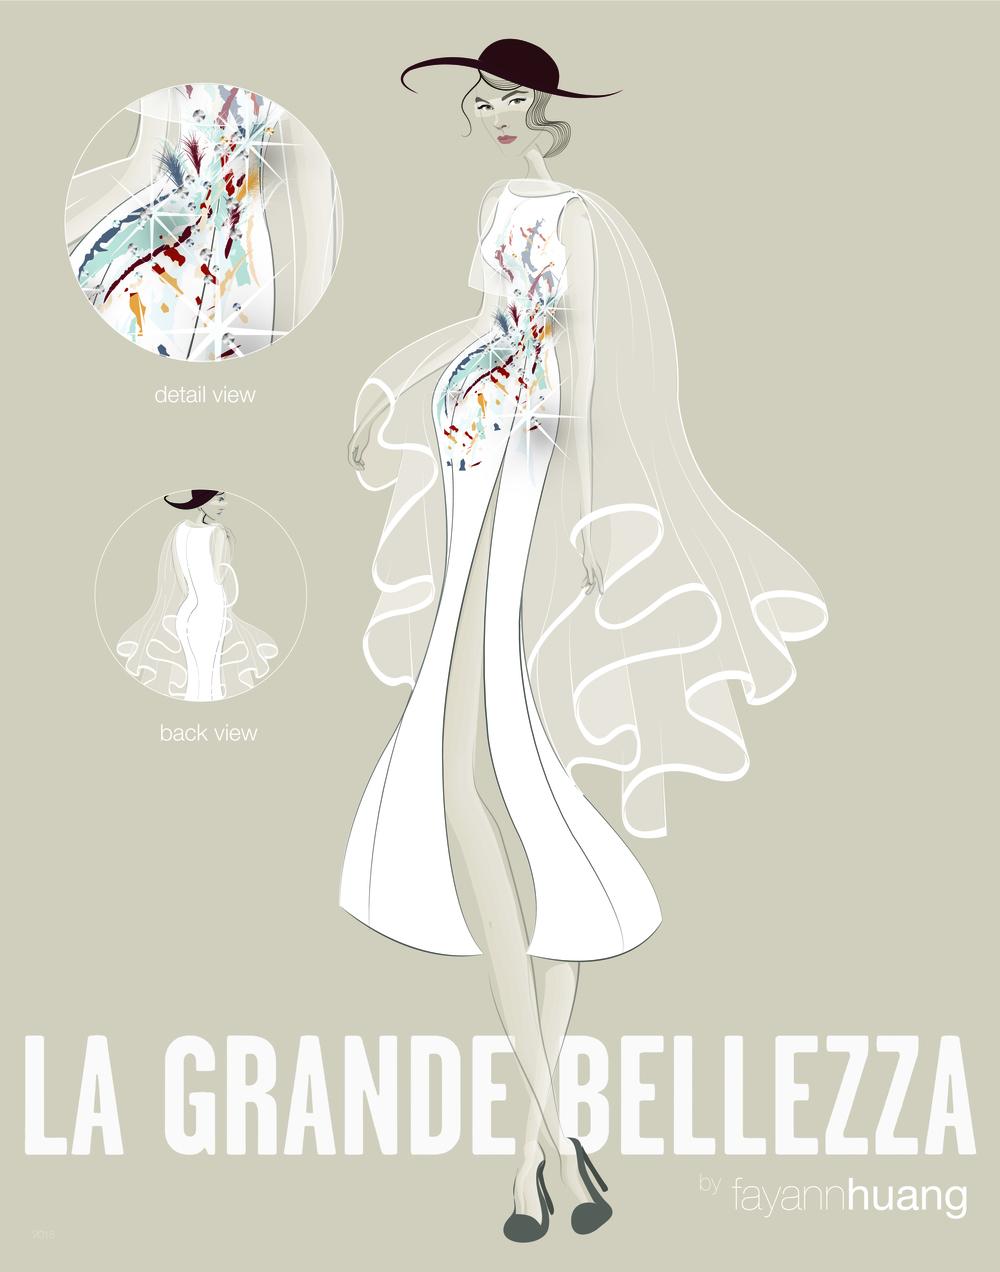 ICFF-La Grande Bellezza - Fayann Huang.jpg